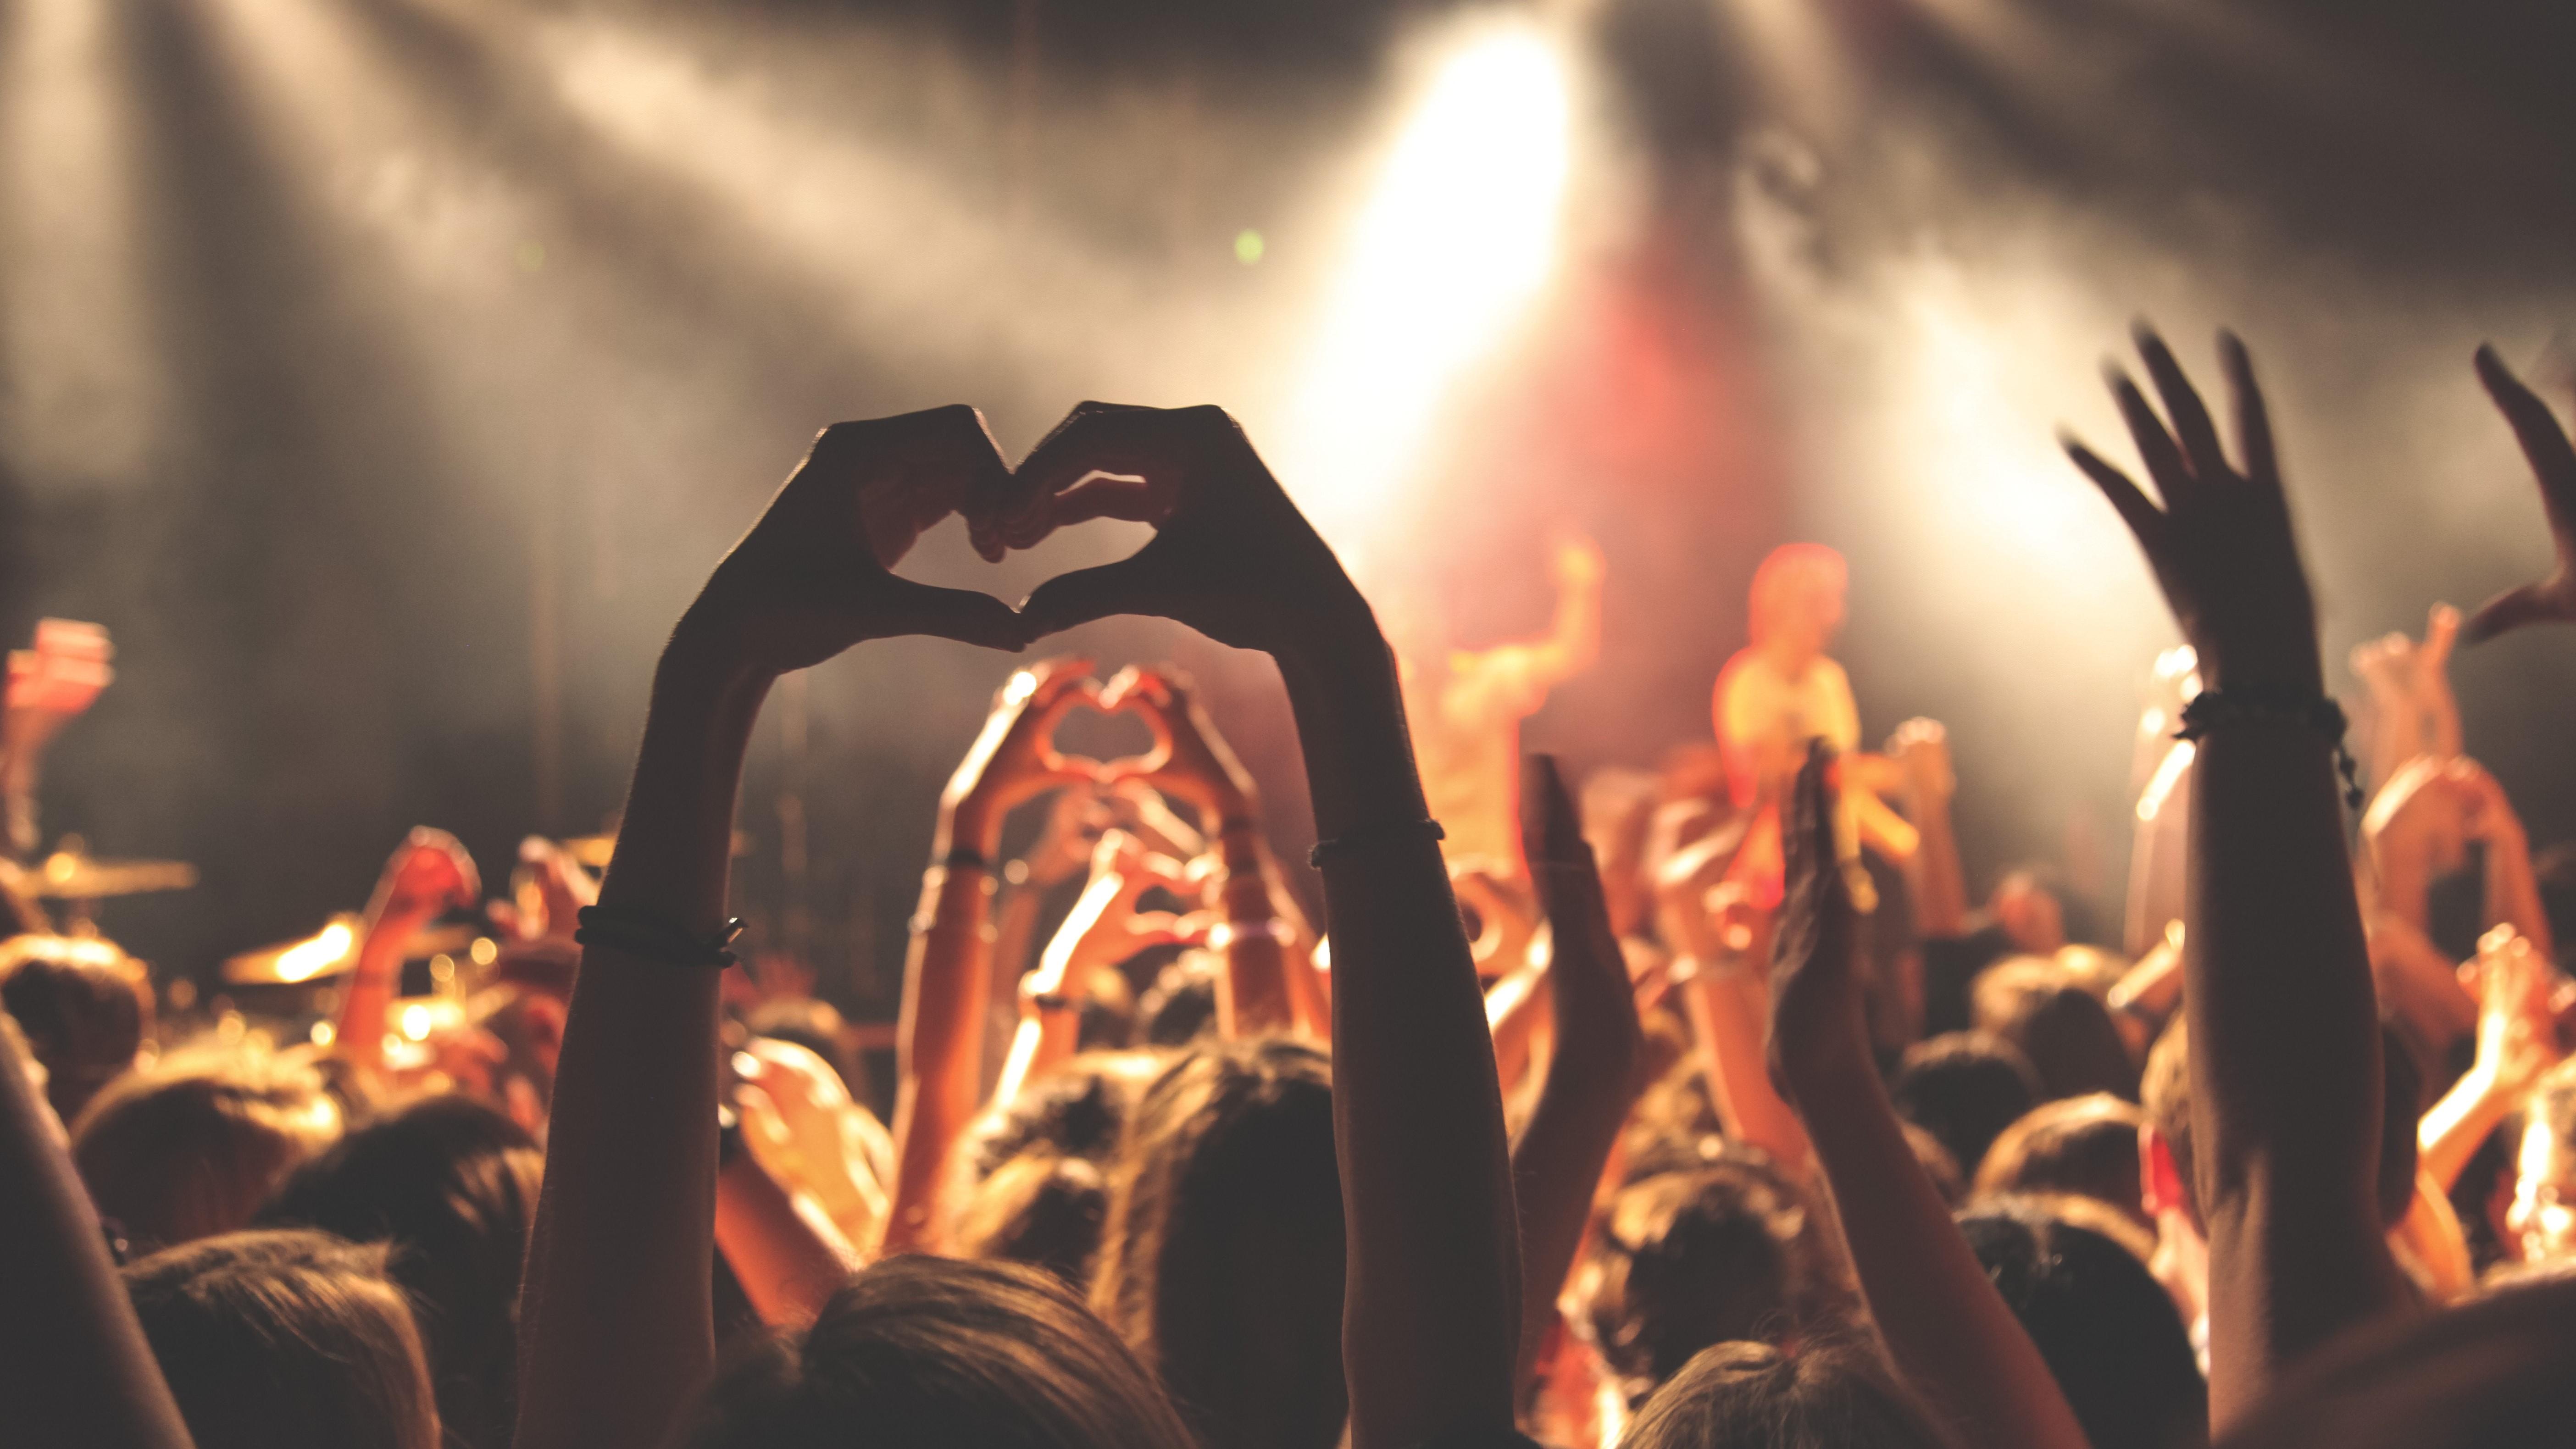 Menschenmasse auf einem Konzert